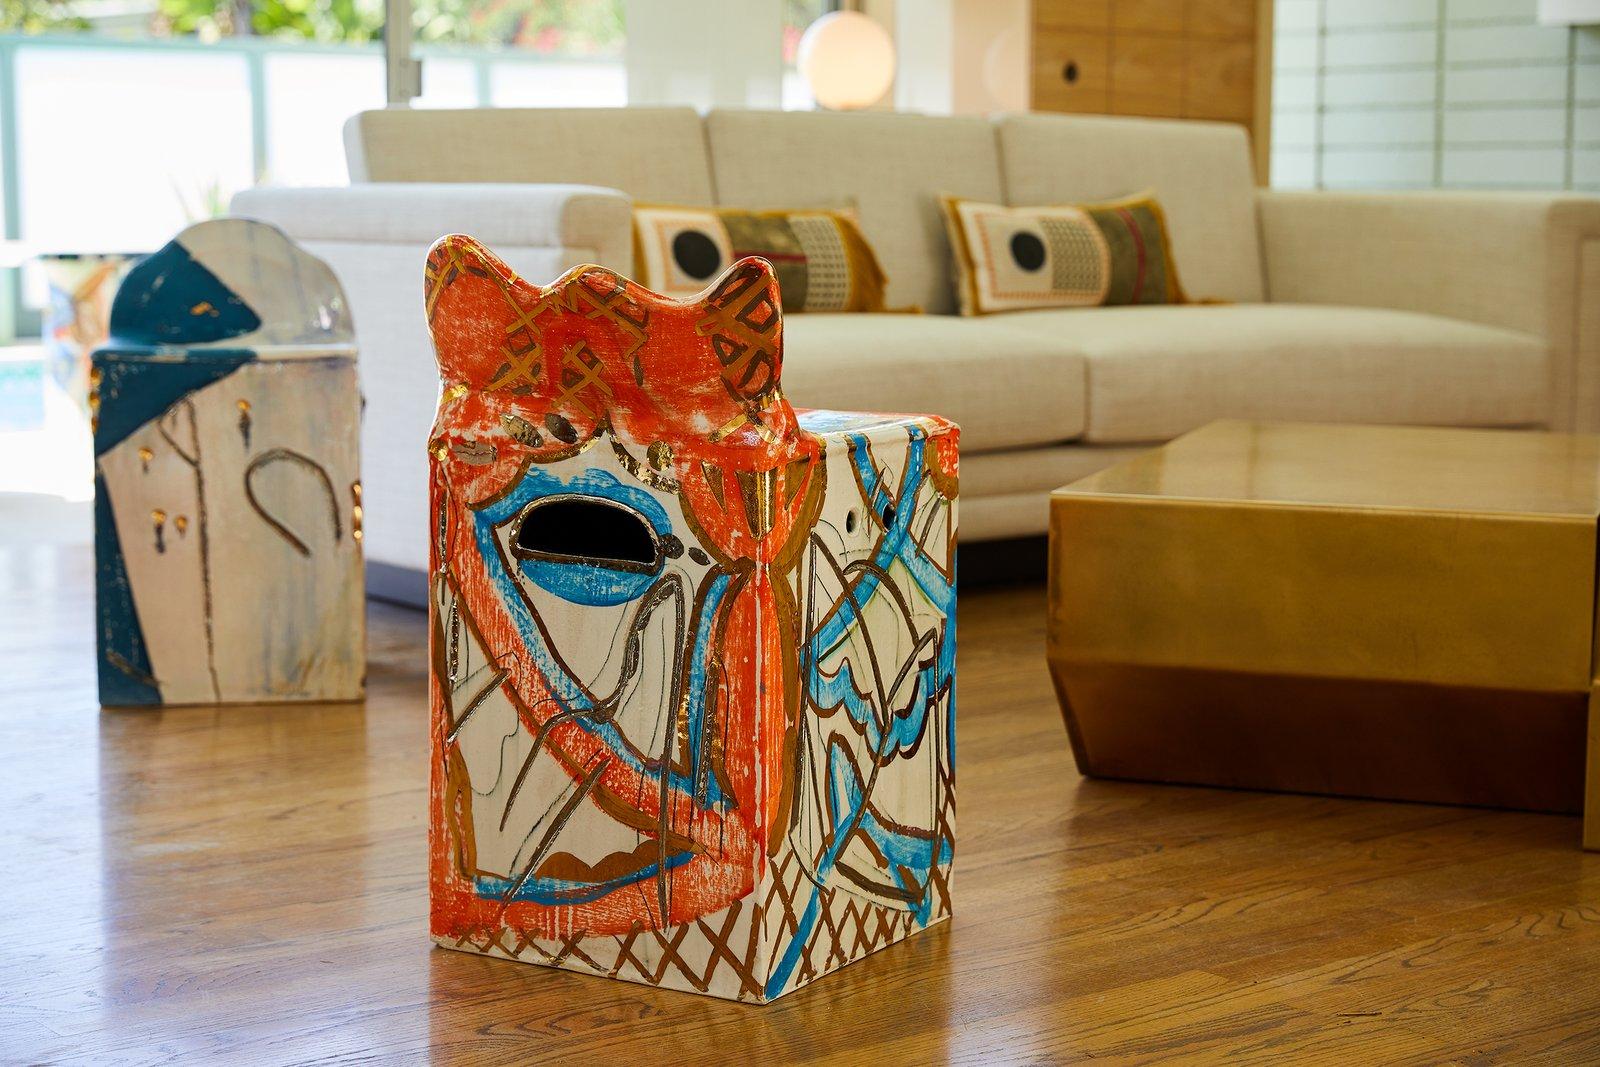 Photo 9 of 10 in Casa Perfect Debuts Reinaldo Sanguino's Vibrant Ceramics Inspired by '90s Graffiti Culture